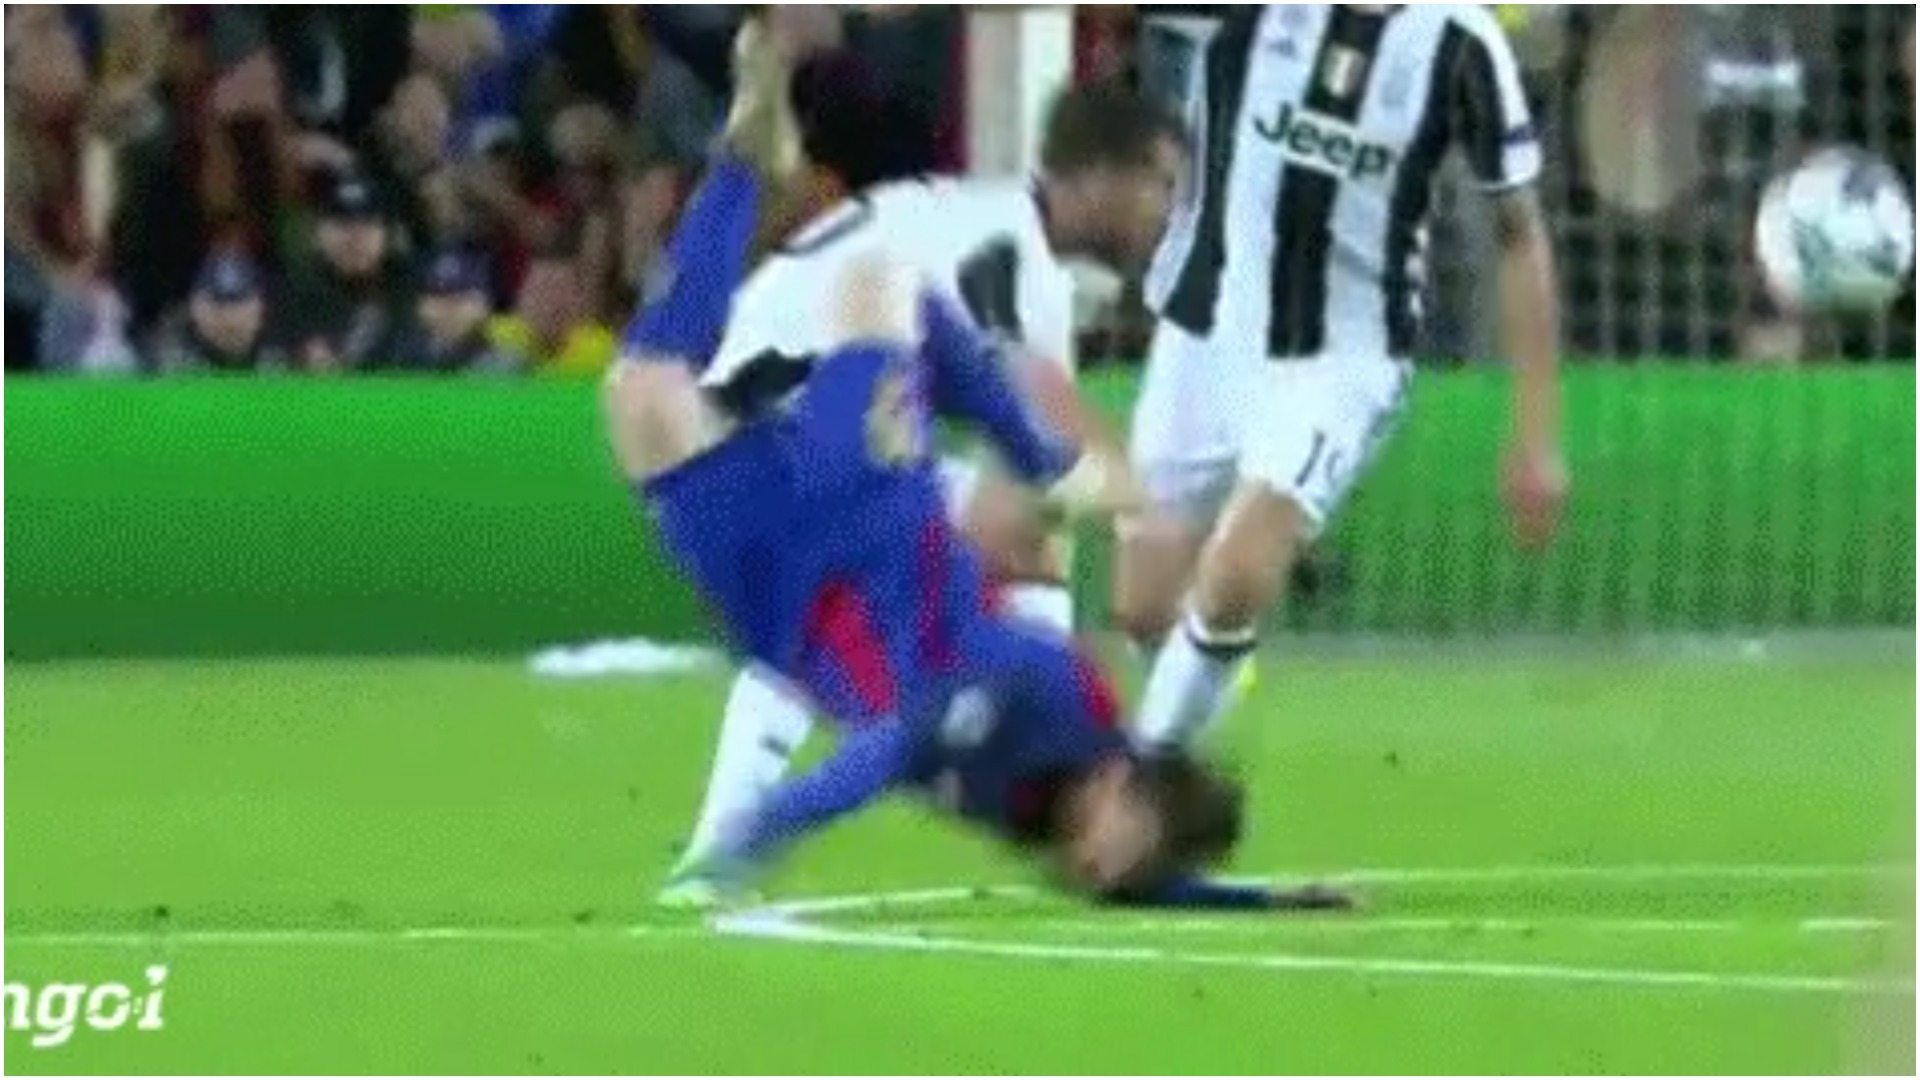 Straszliwy upadek Messiego podczas meczu (VIDEO)